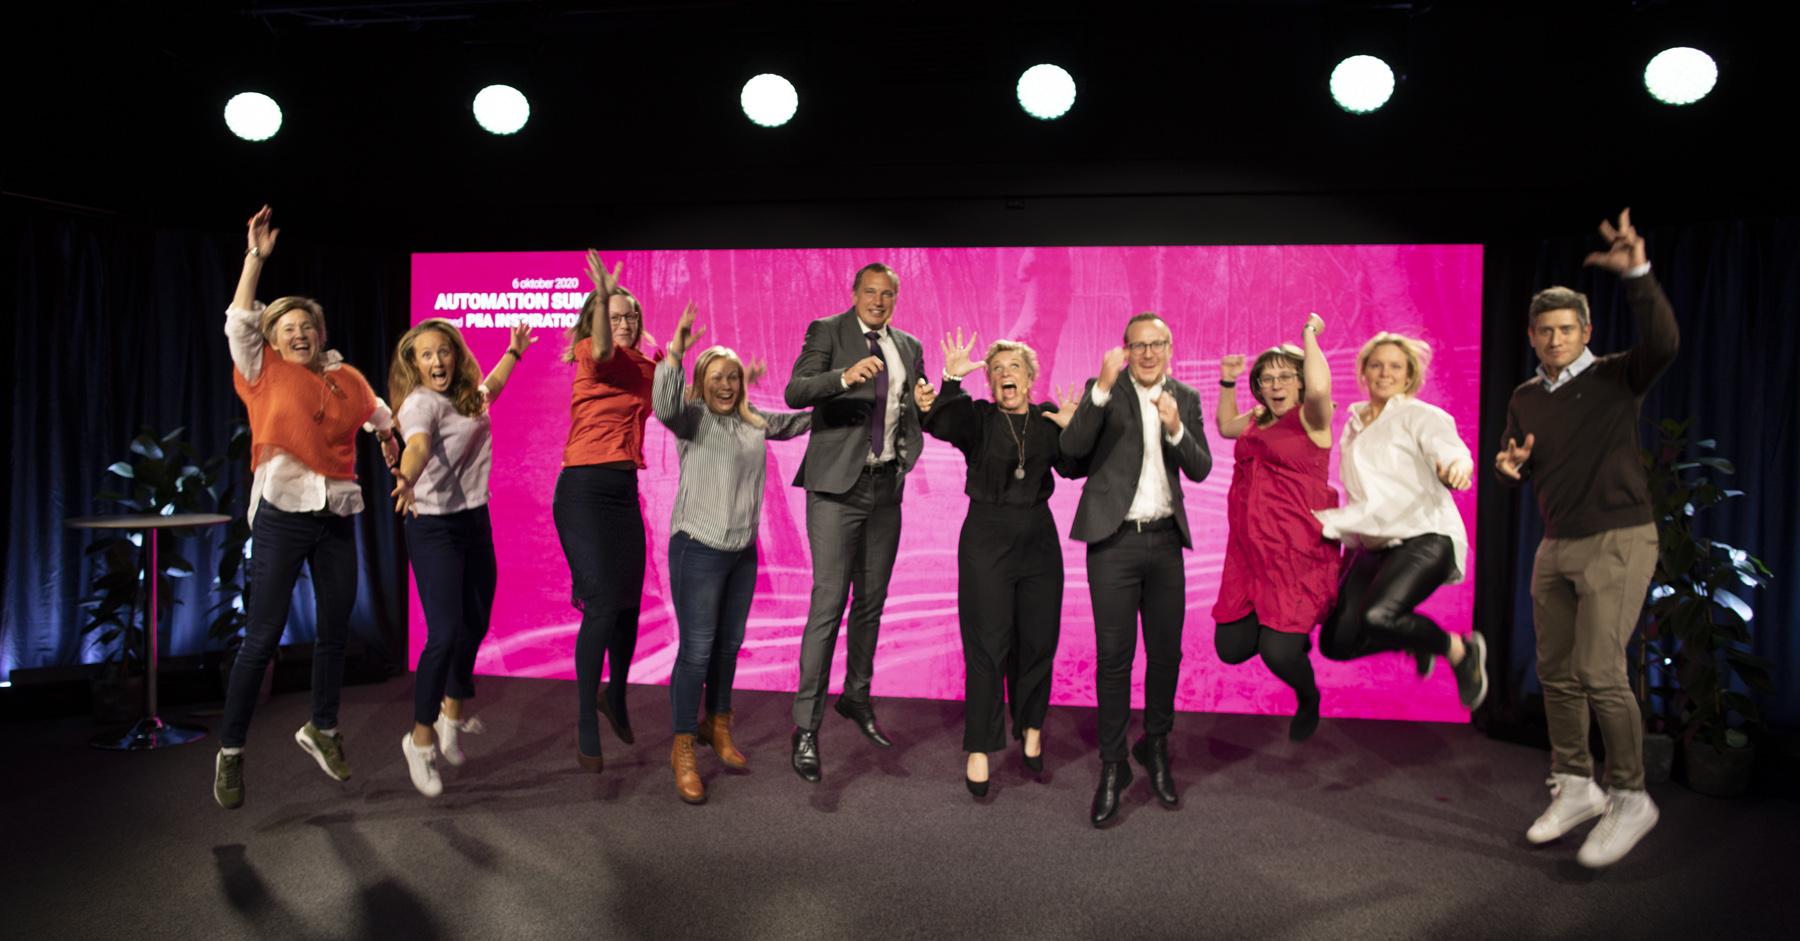 Projektteamet för konferensen hoppar glatt på scenen